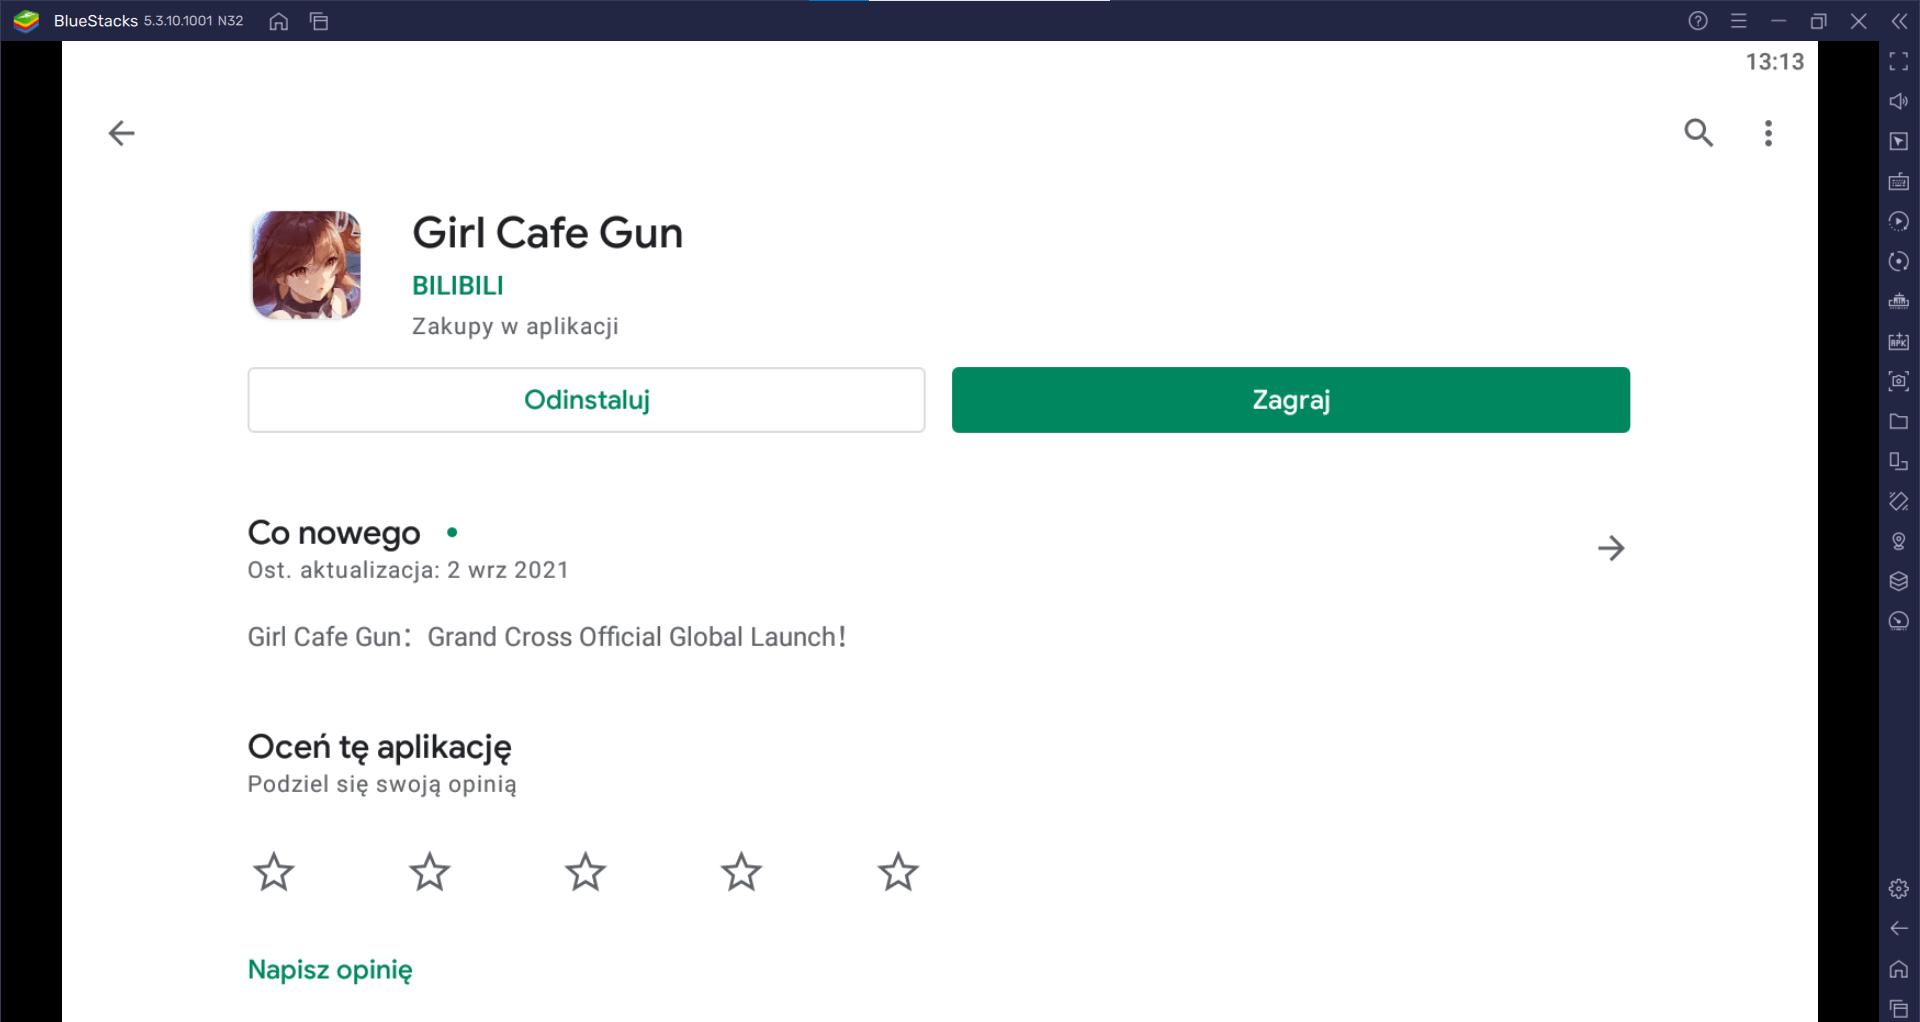 Girl Cafe Gun reroll zamiana postaci